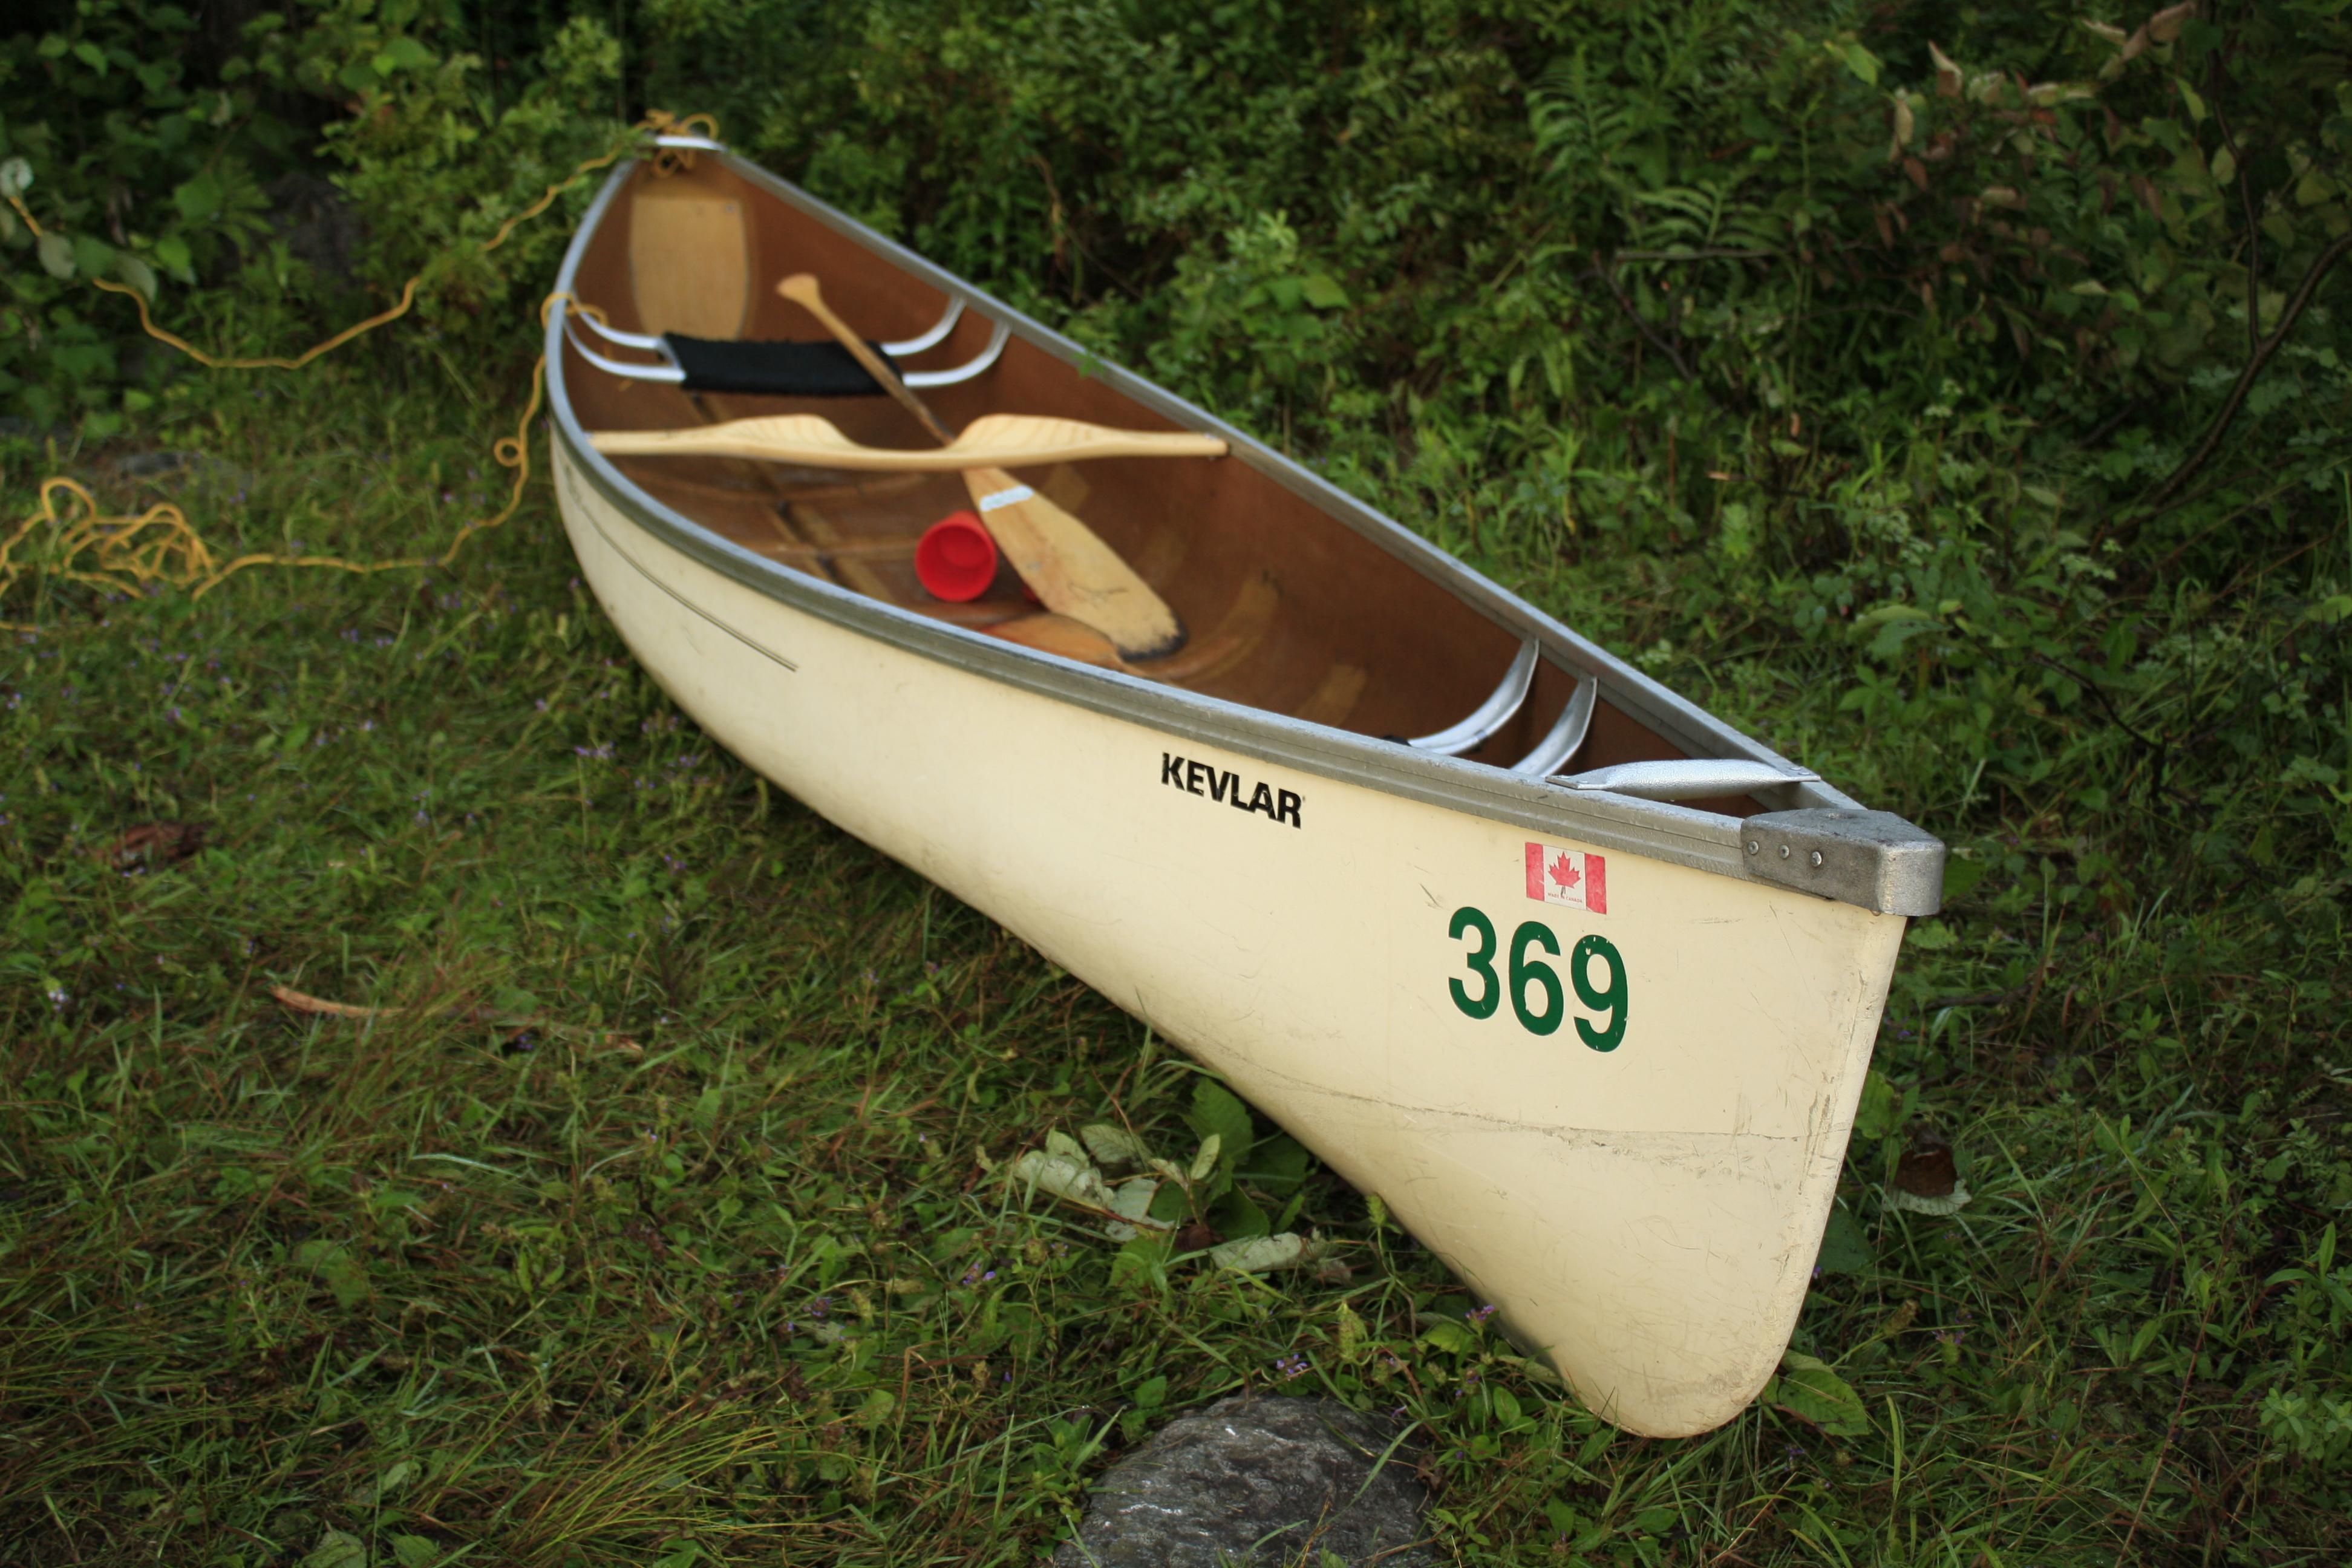 File:Kevlar canoe algonquin JPG - Wikimedia Commons